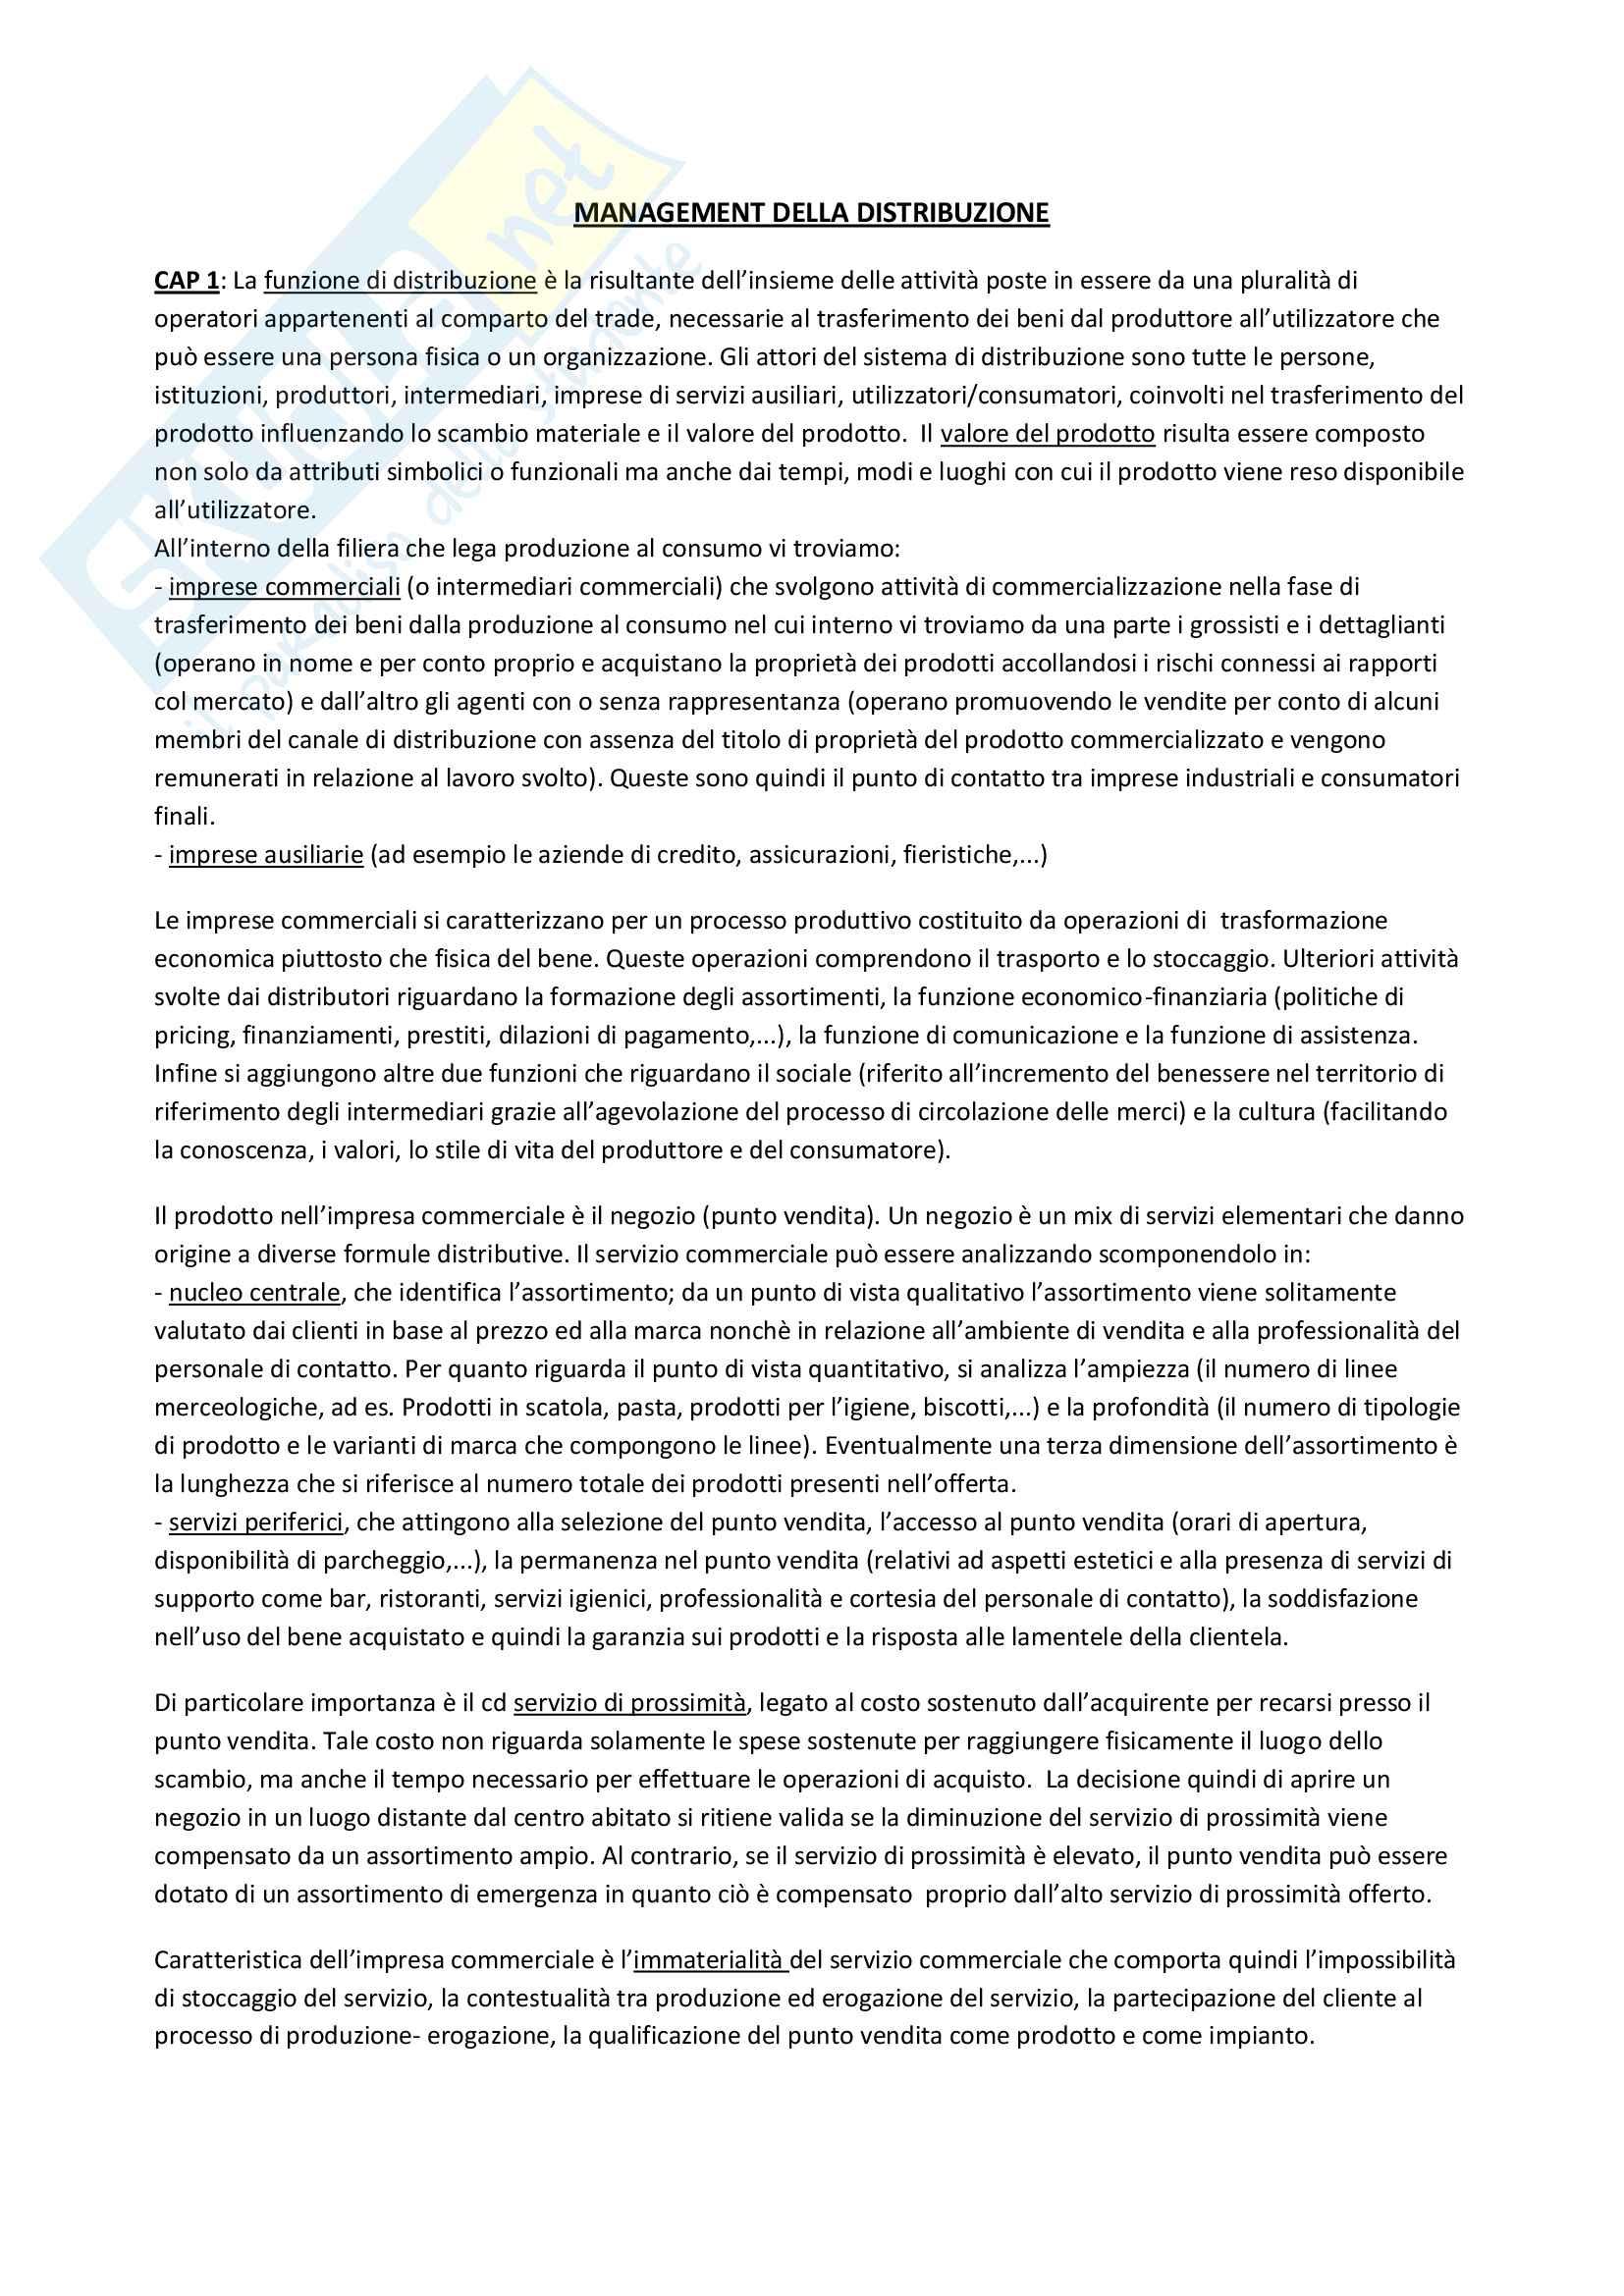 Riassunti e appunti di Management della distribuzione - Prof. Calabrese Foggia Marketing Management